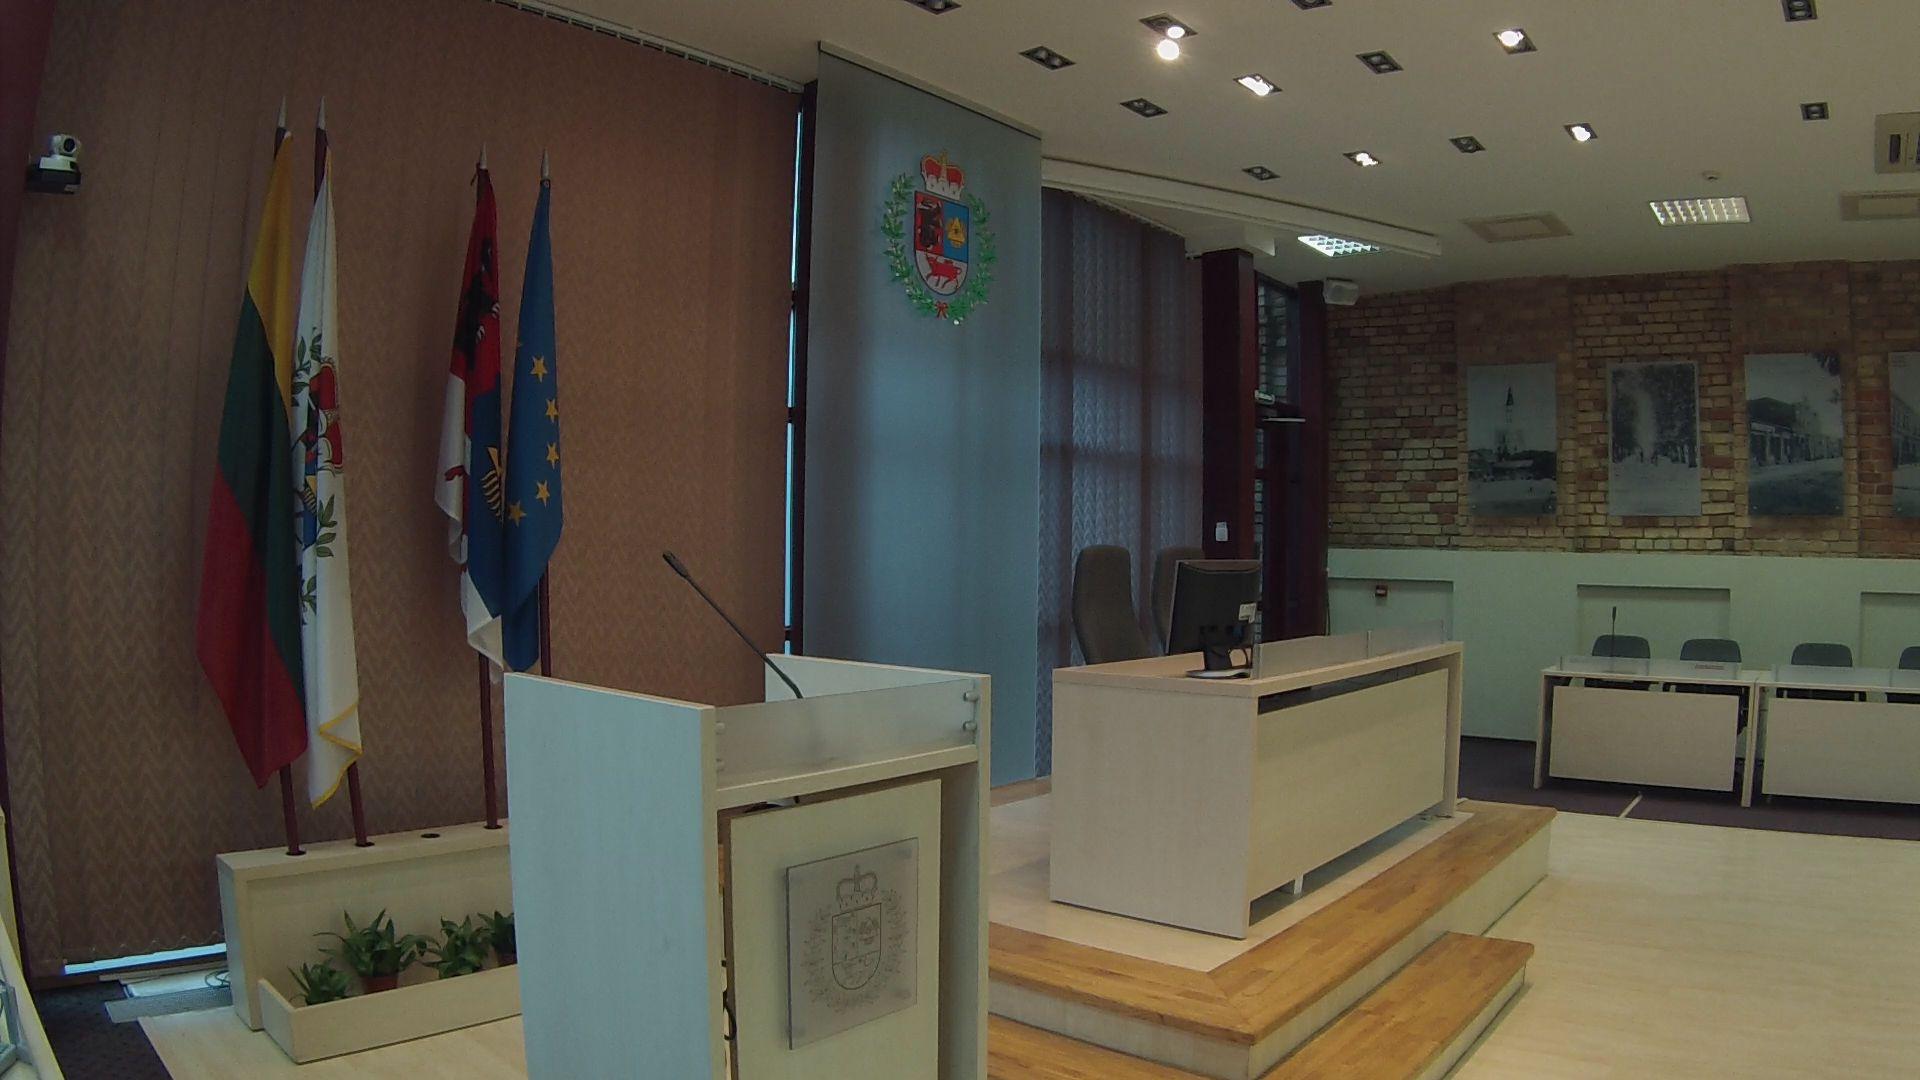 Sausio 29 d. 14 val. konferencija: Ekstremalus sportas visiems!